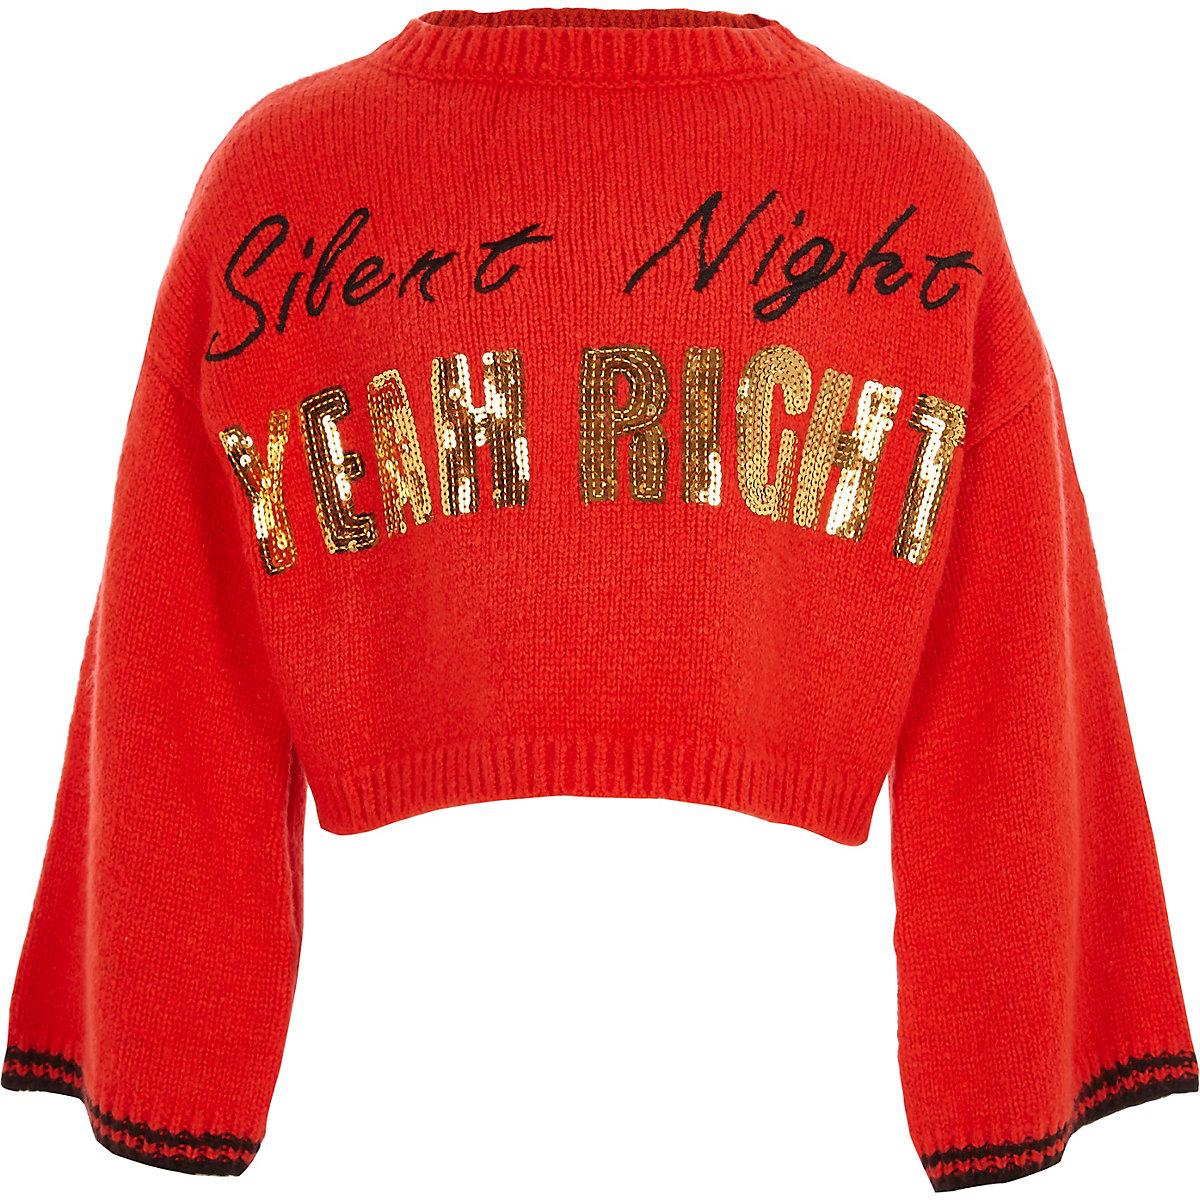 Kersttrui Meisje.Rode Gebreide Kersttrui Met Silent Night Print Voor Meisjes Tops